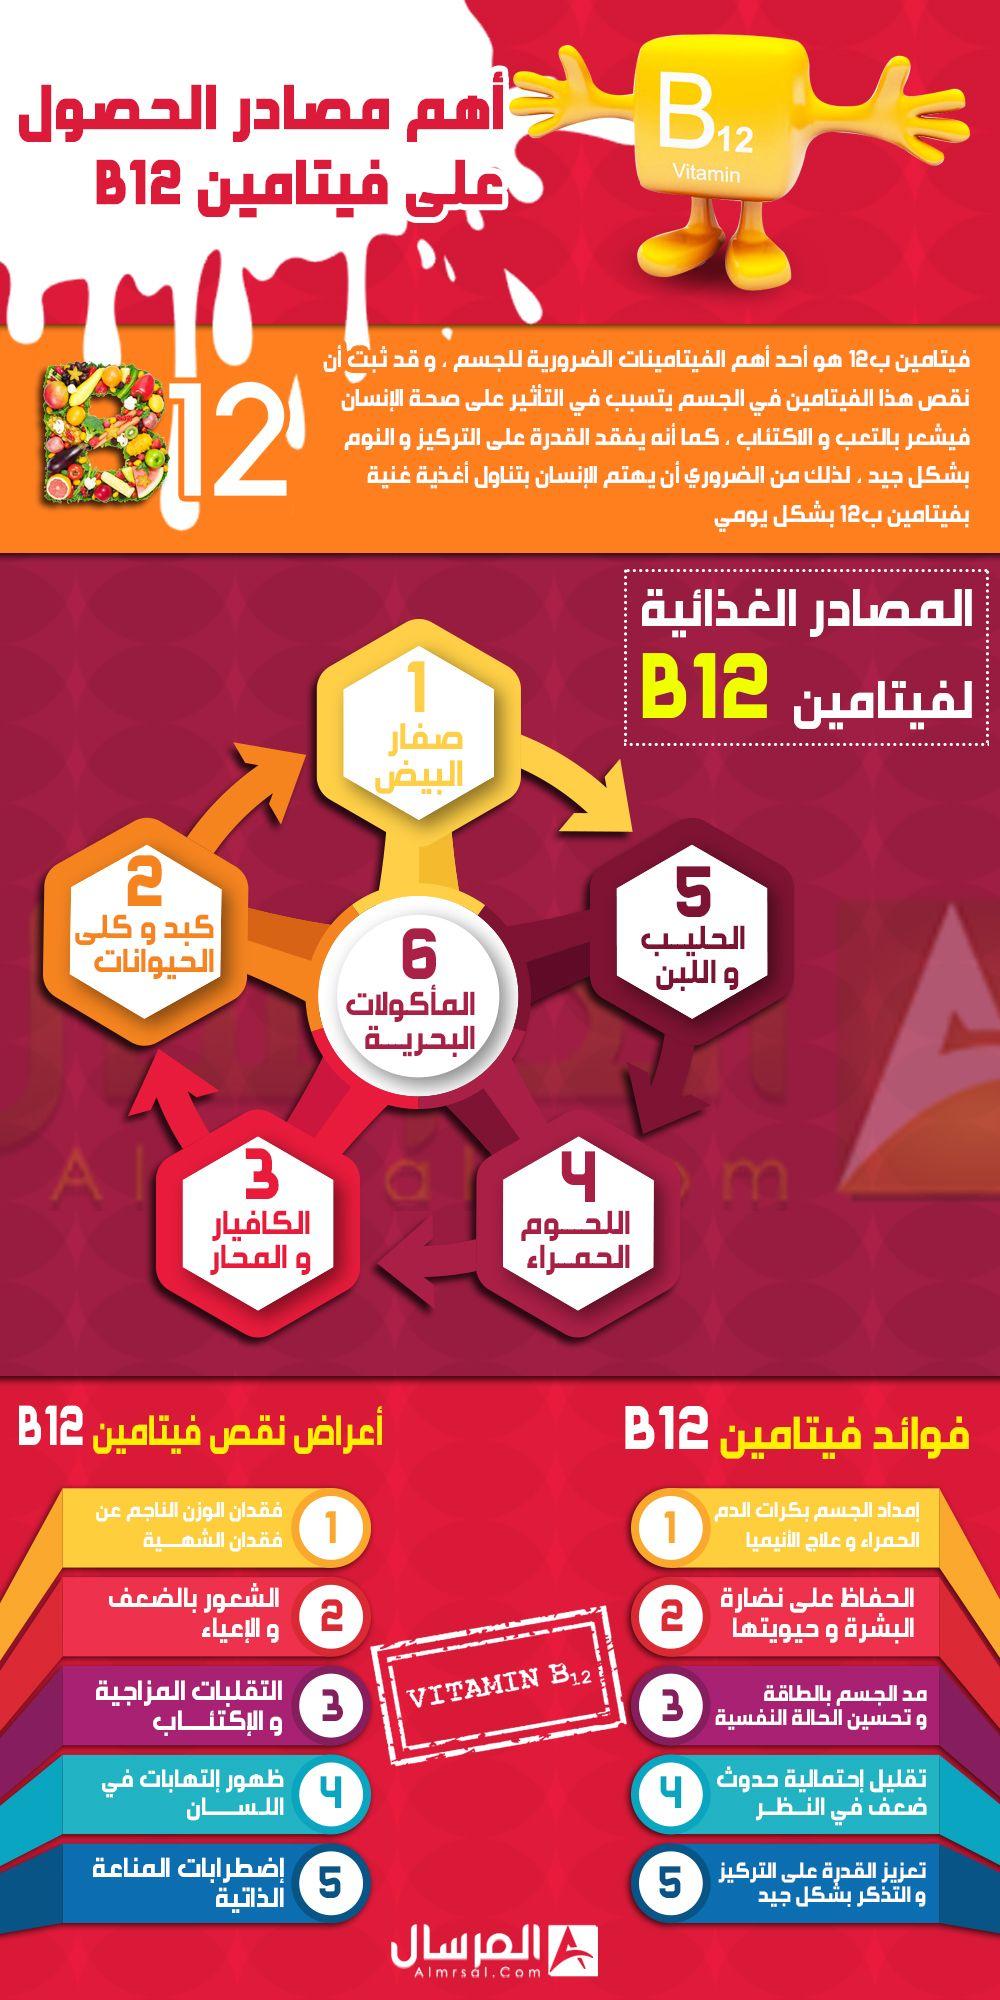 اهم مصادر الحصول على فيتامين B12 B12 Vitamins Health